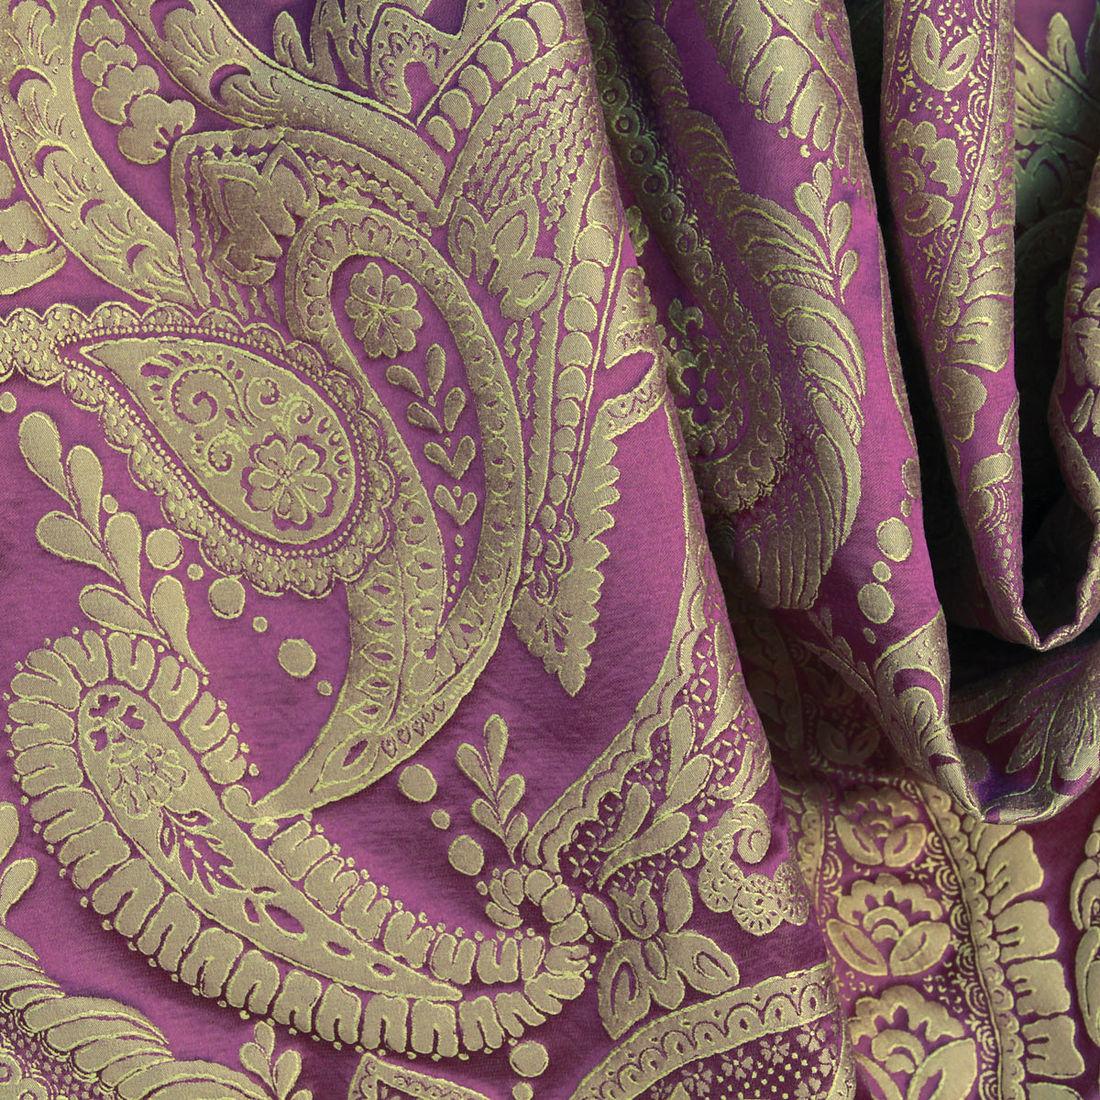 Anna Tsvetkovskaya. Textile. 7324-Paisley-135